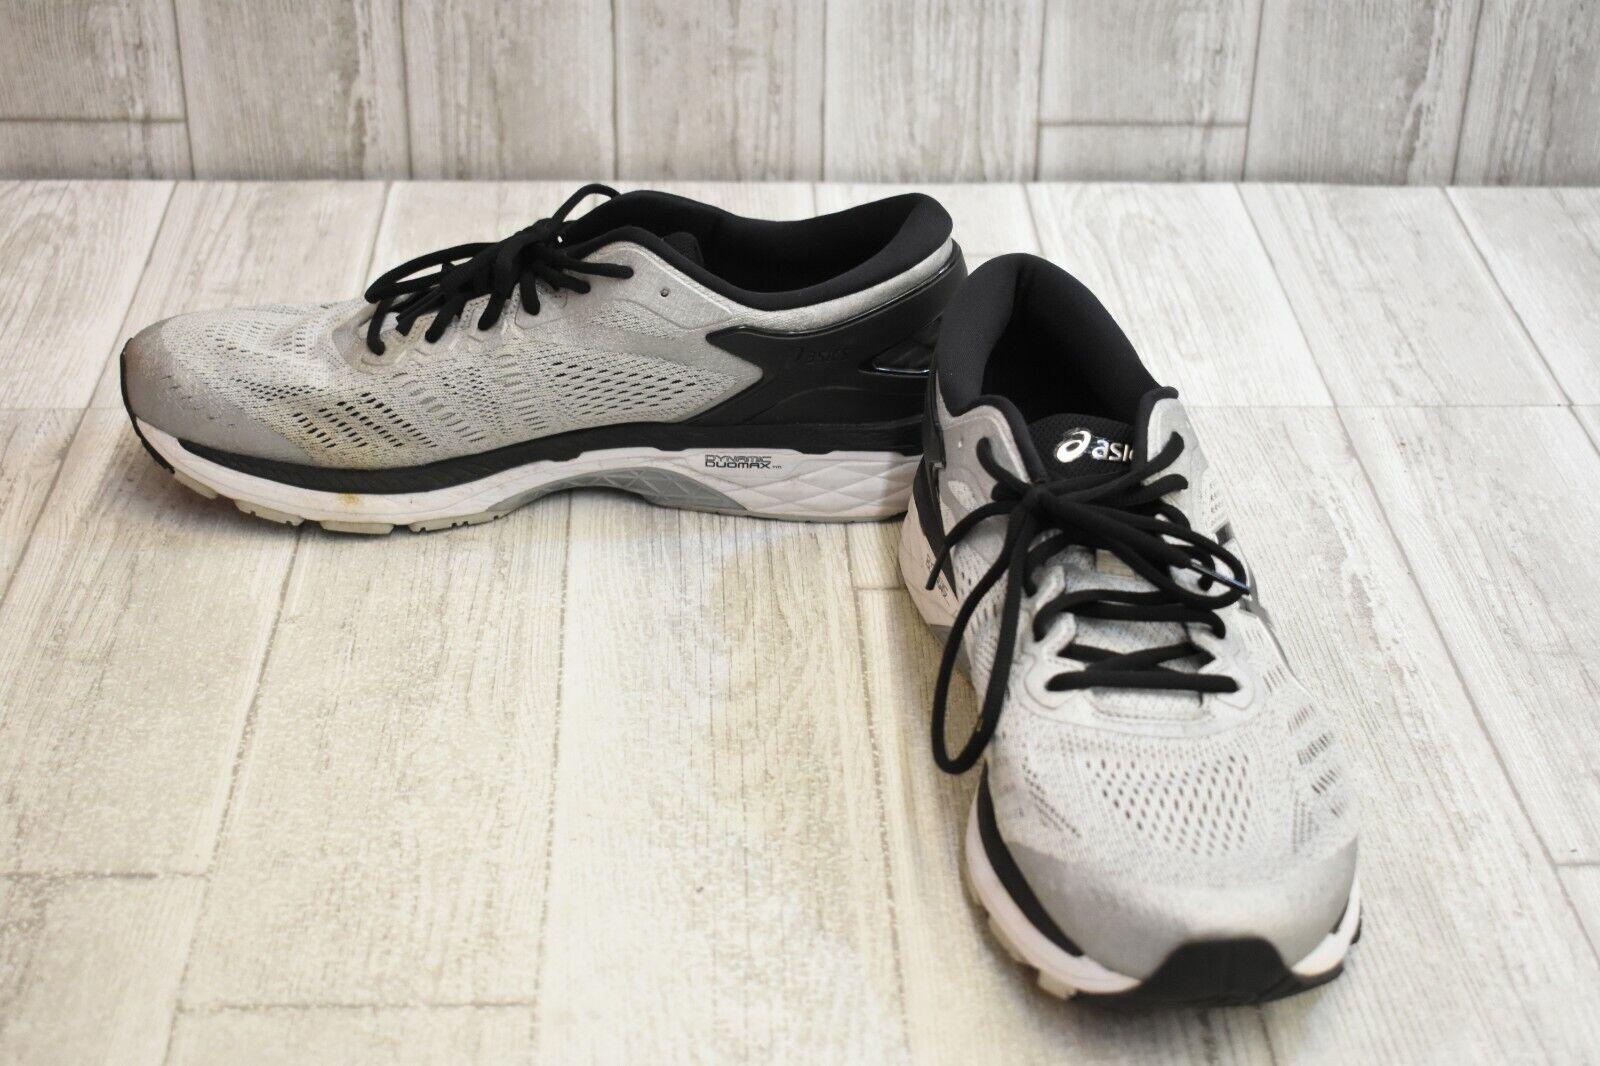 Asics Gel-Kayano 24 Calzado para Correr-Para Hombres (2E), Negro gris